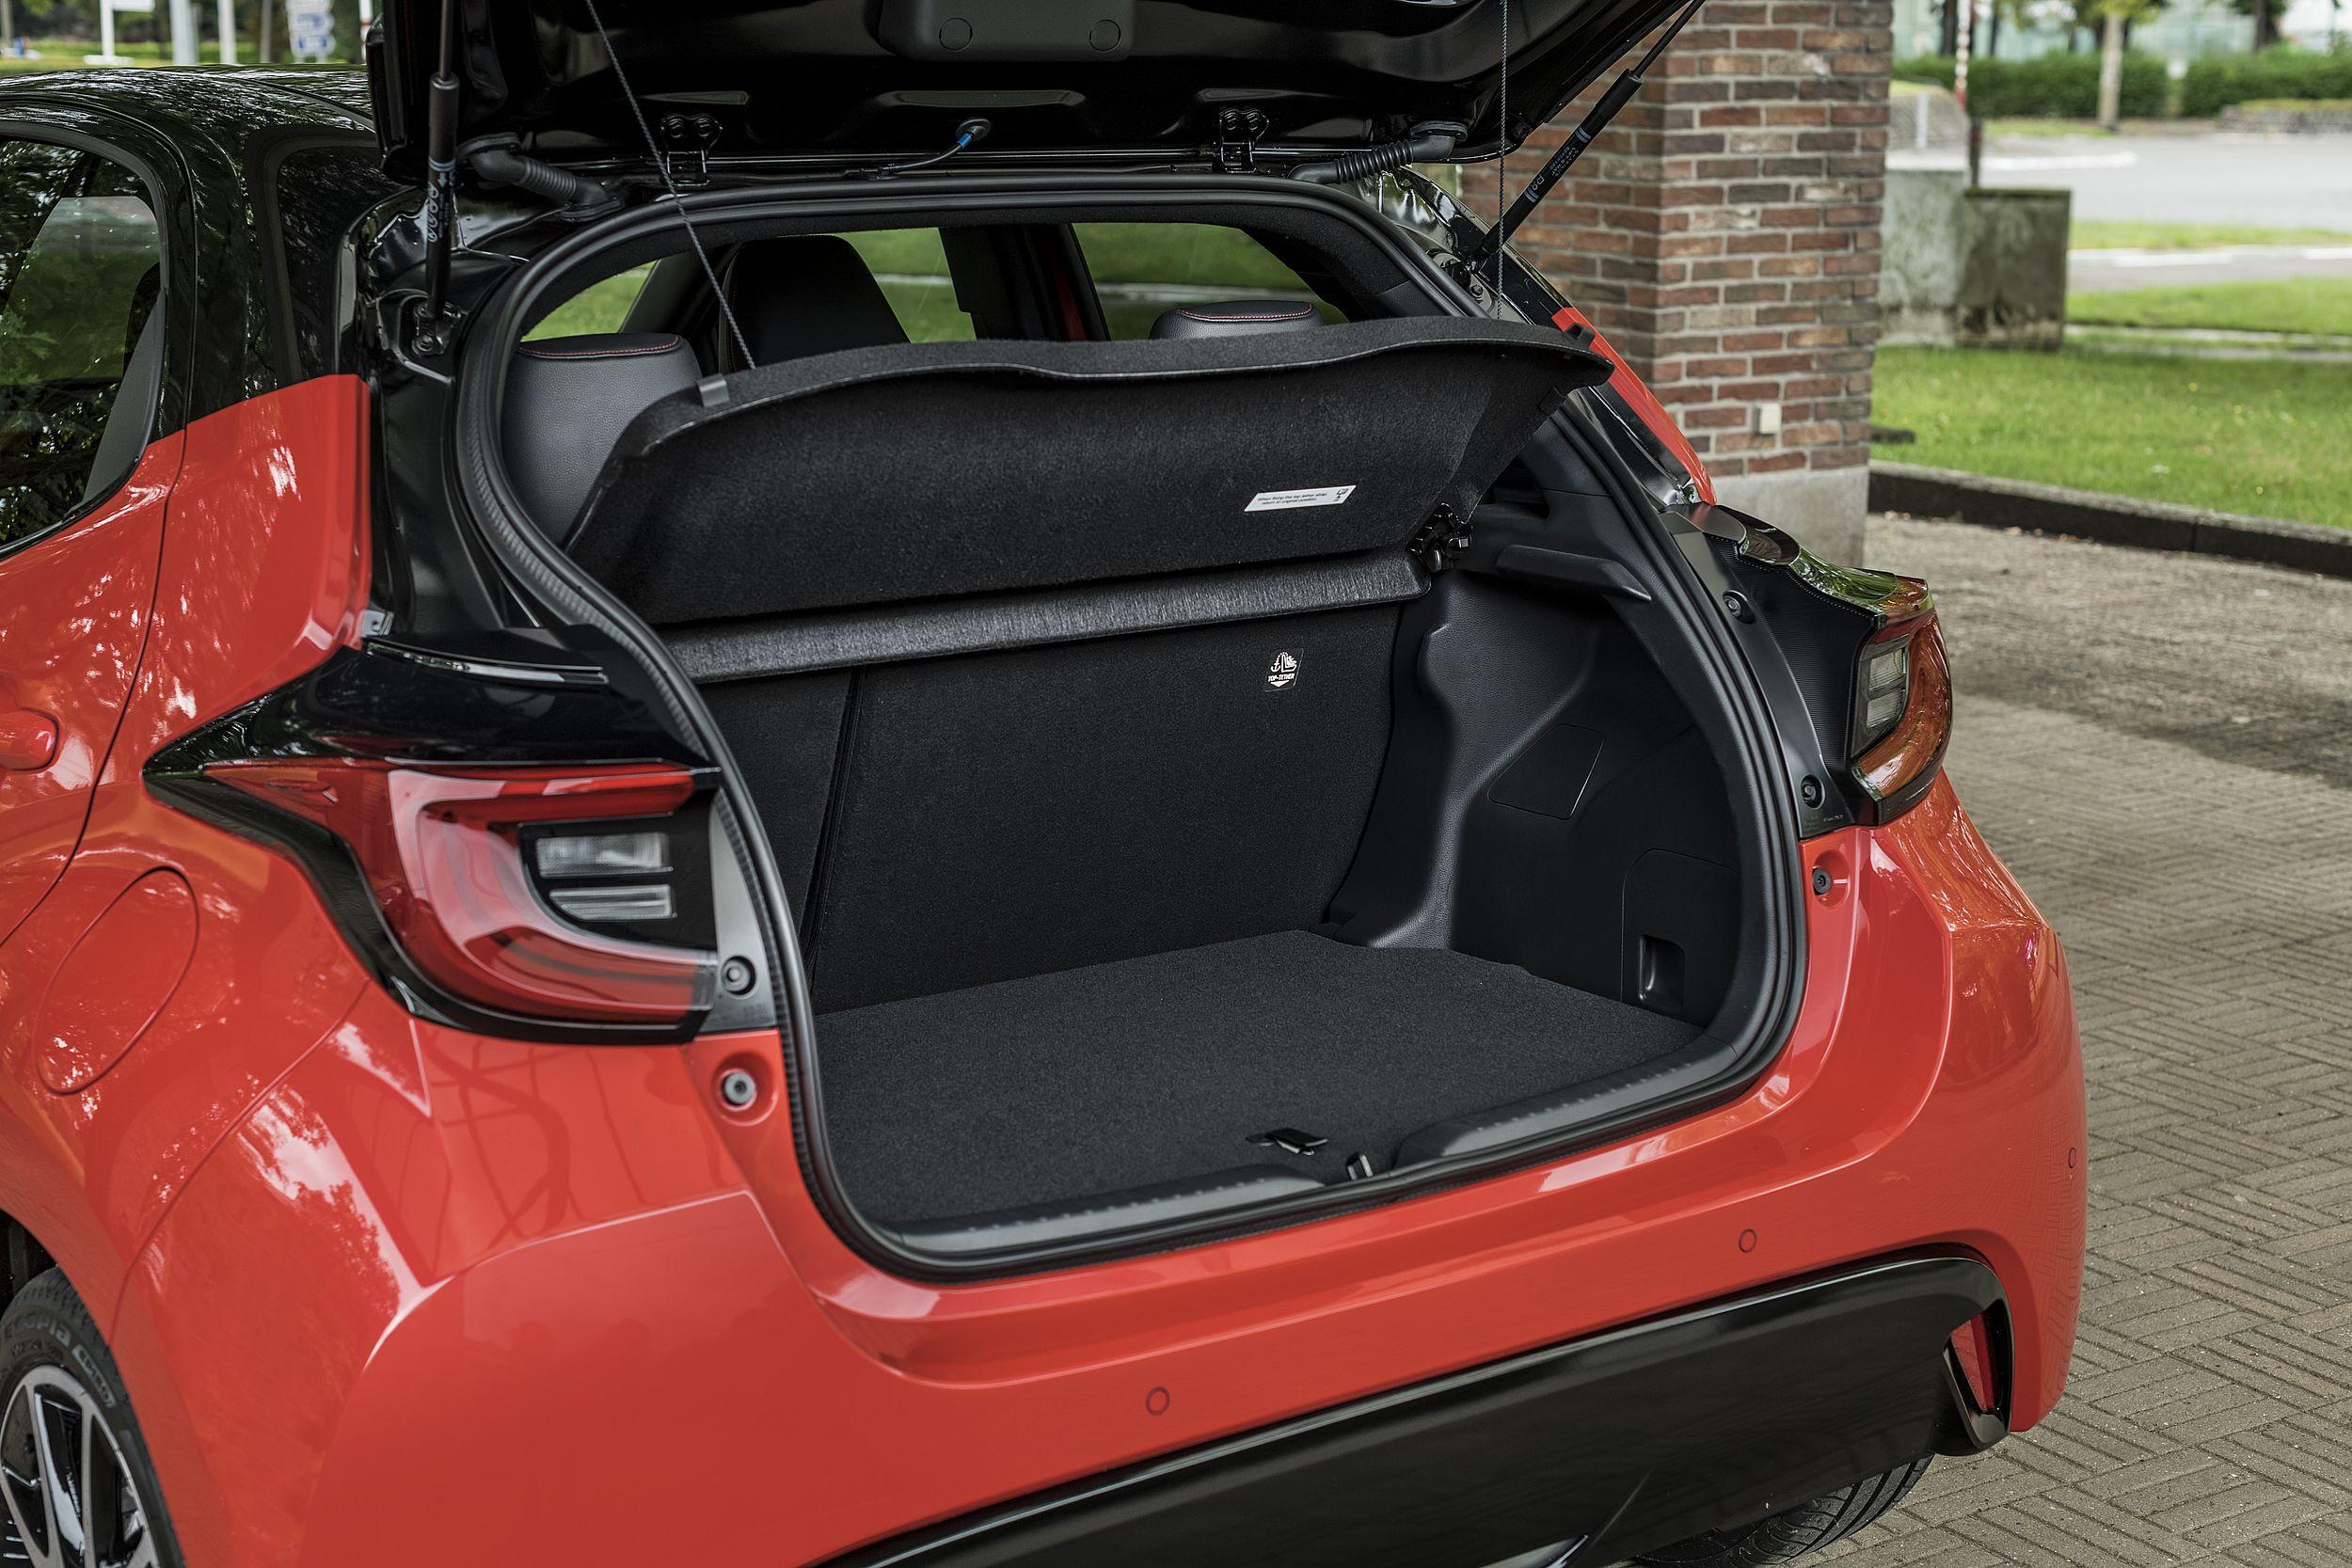 Im Yaris-Kofferraum findet Ladegut bis zu einem Volumen von 286 bis 768 Litern Platz.